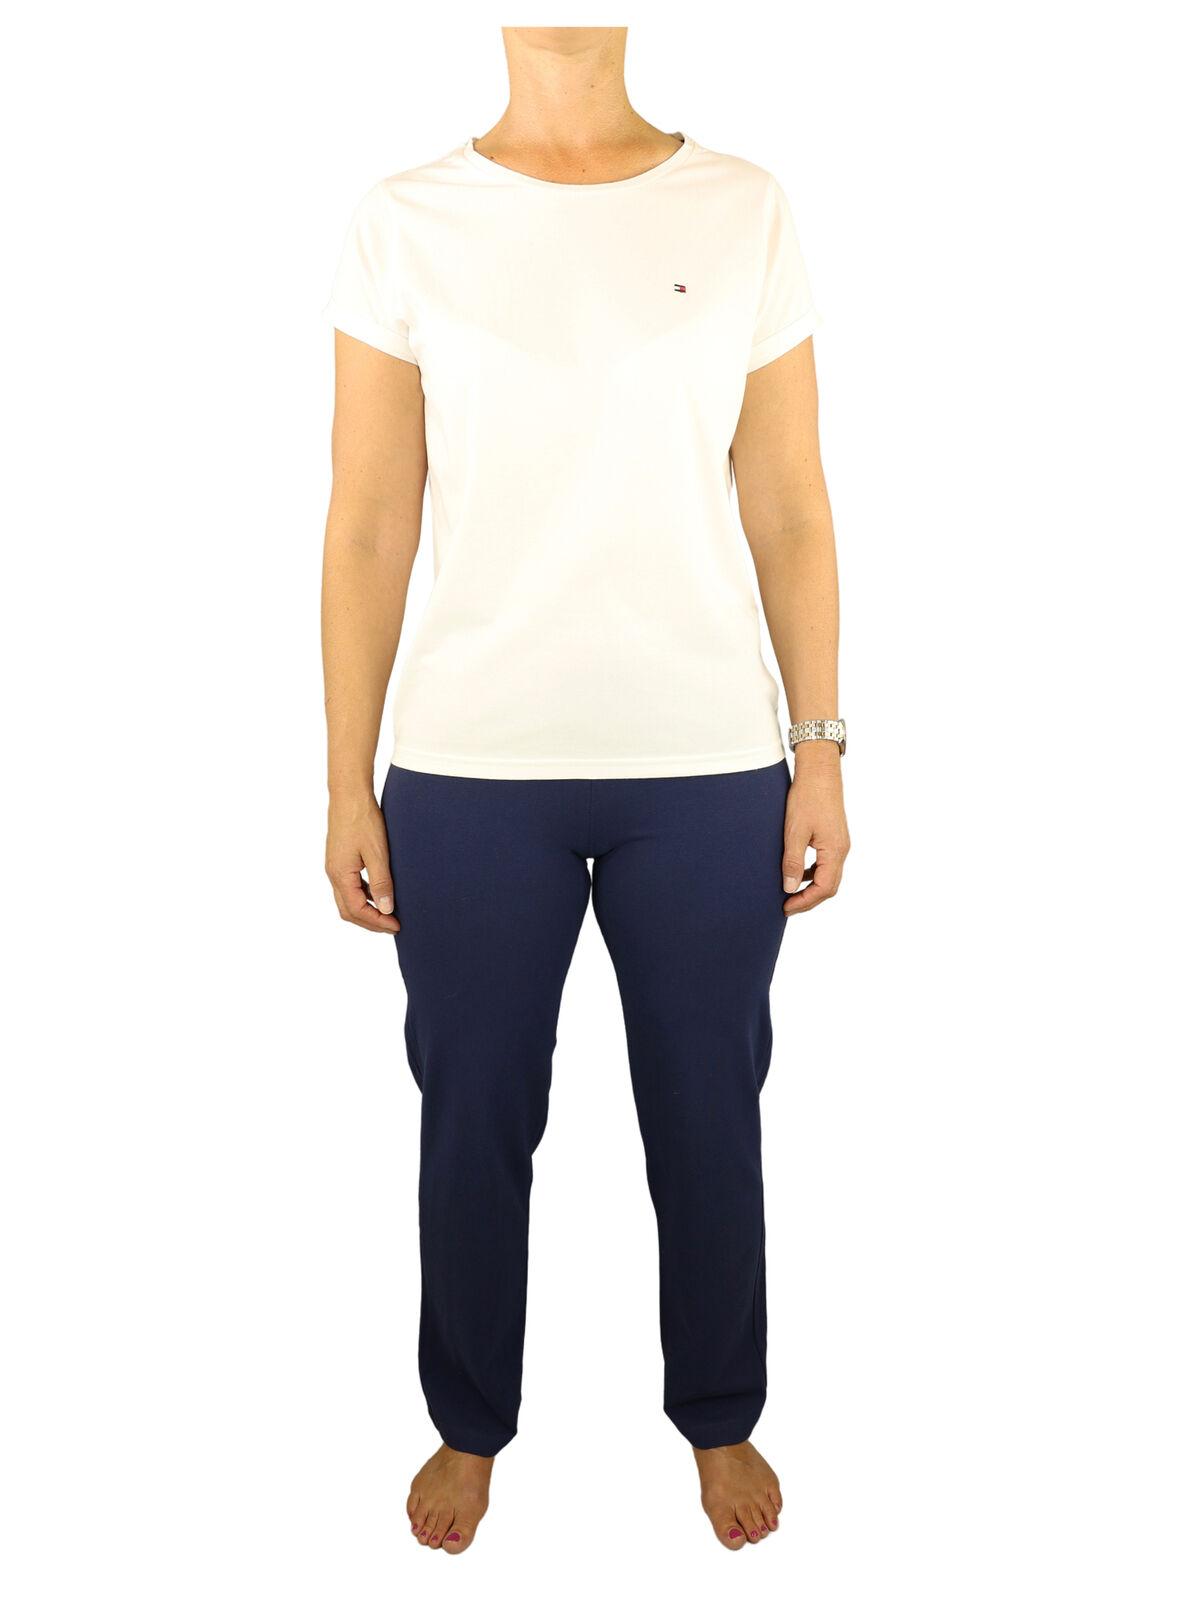 Tommy Hilfiger Damen SET Pyjama CN Tee SS UW0UW01347-132 Mehrfarbig XS